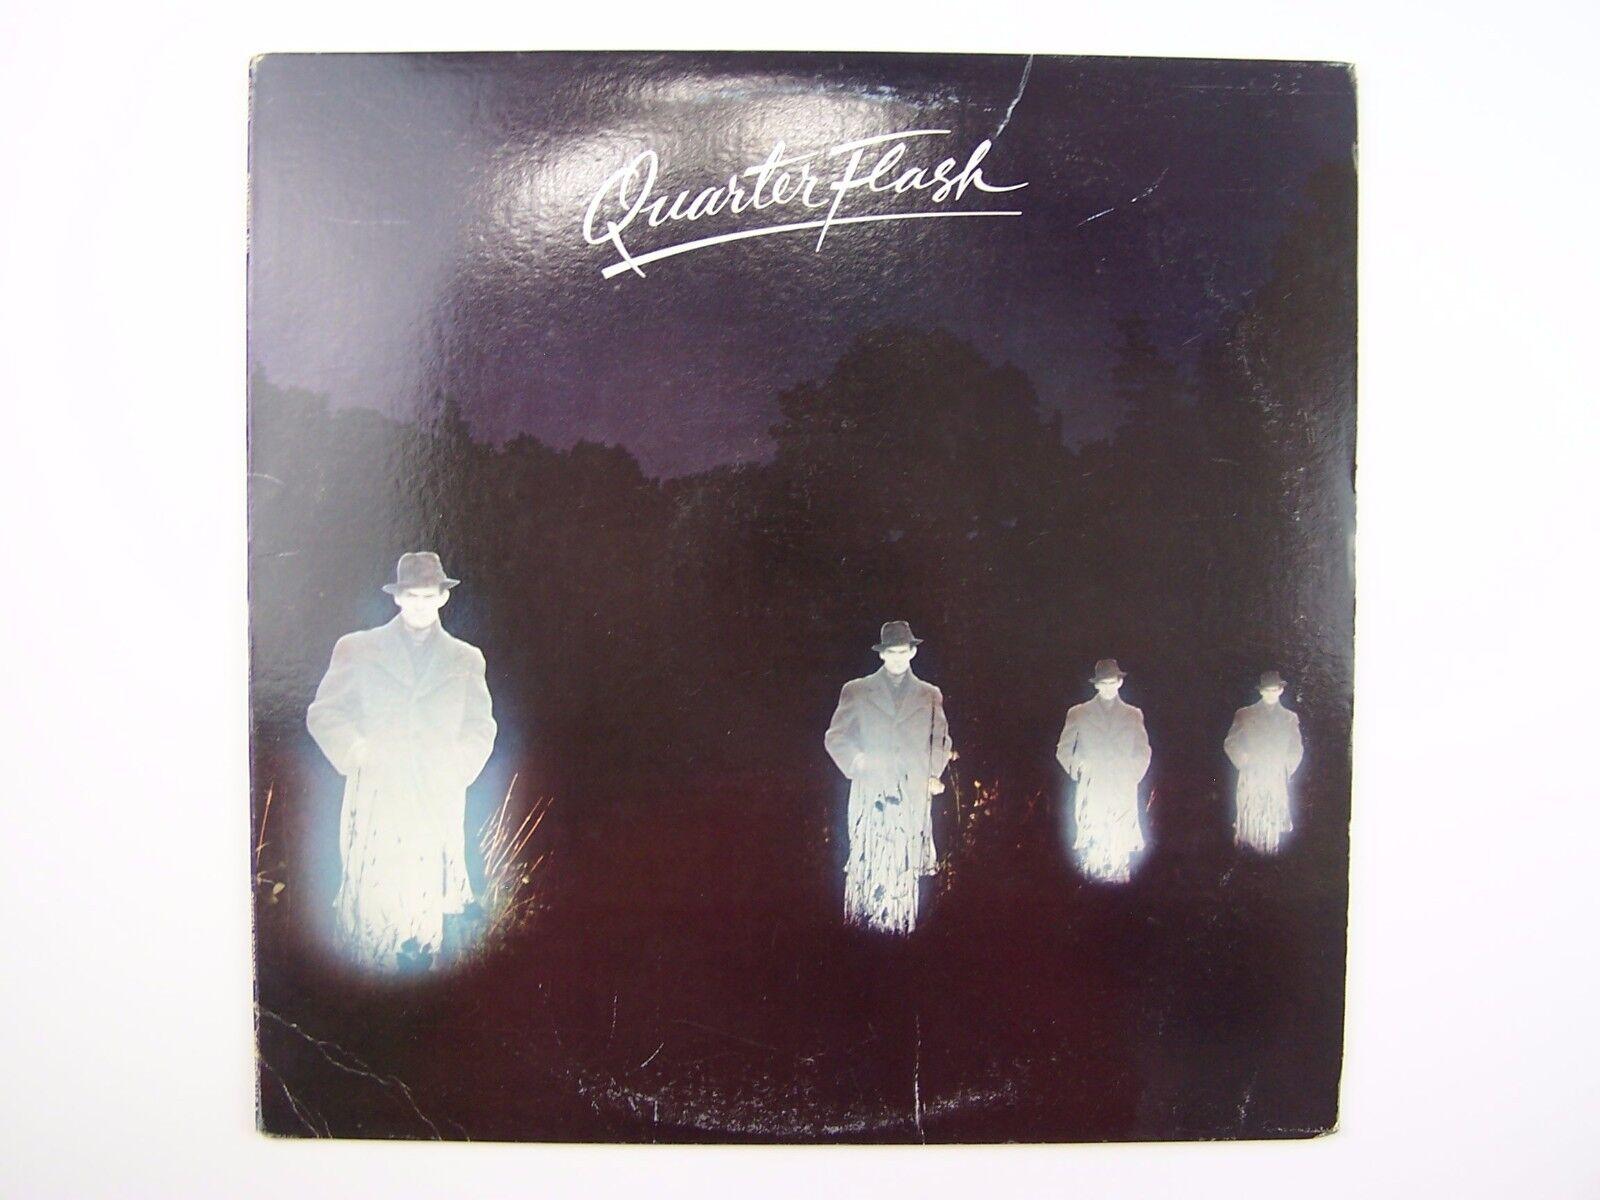 Quarterflash - Quarterflash Vinyl LP Record Album GHS 2